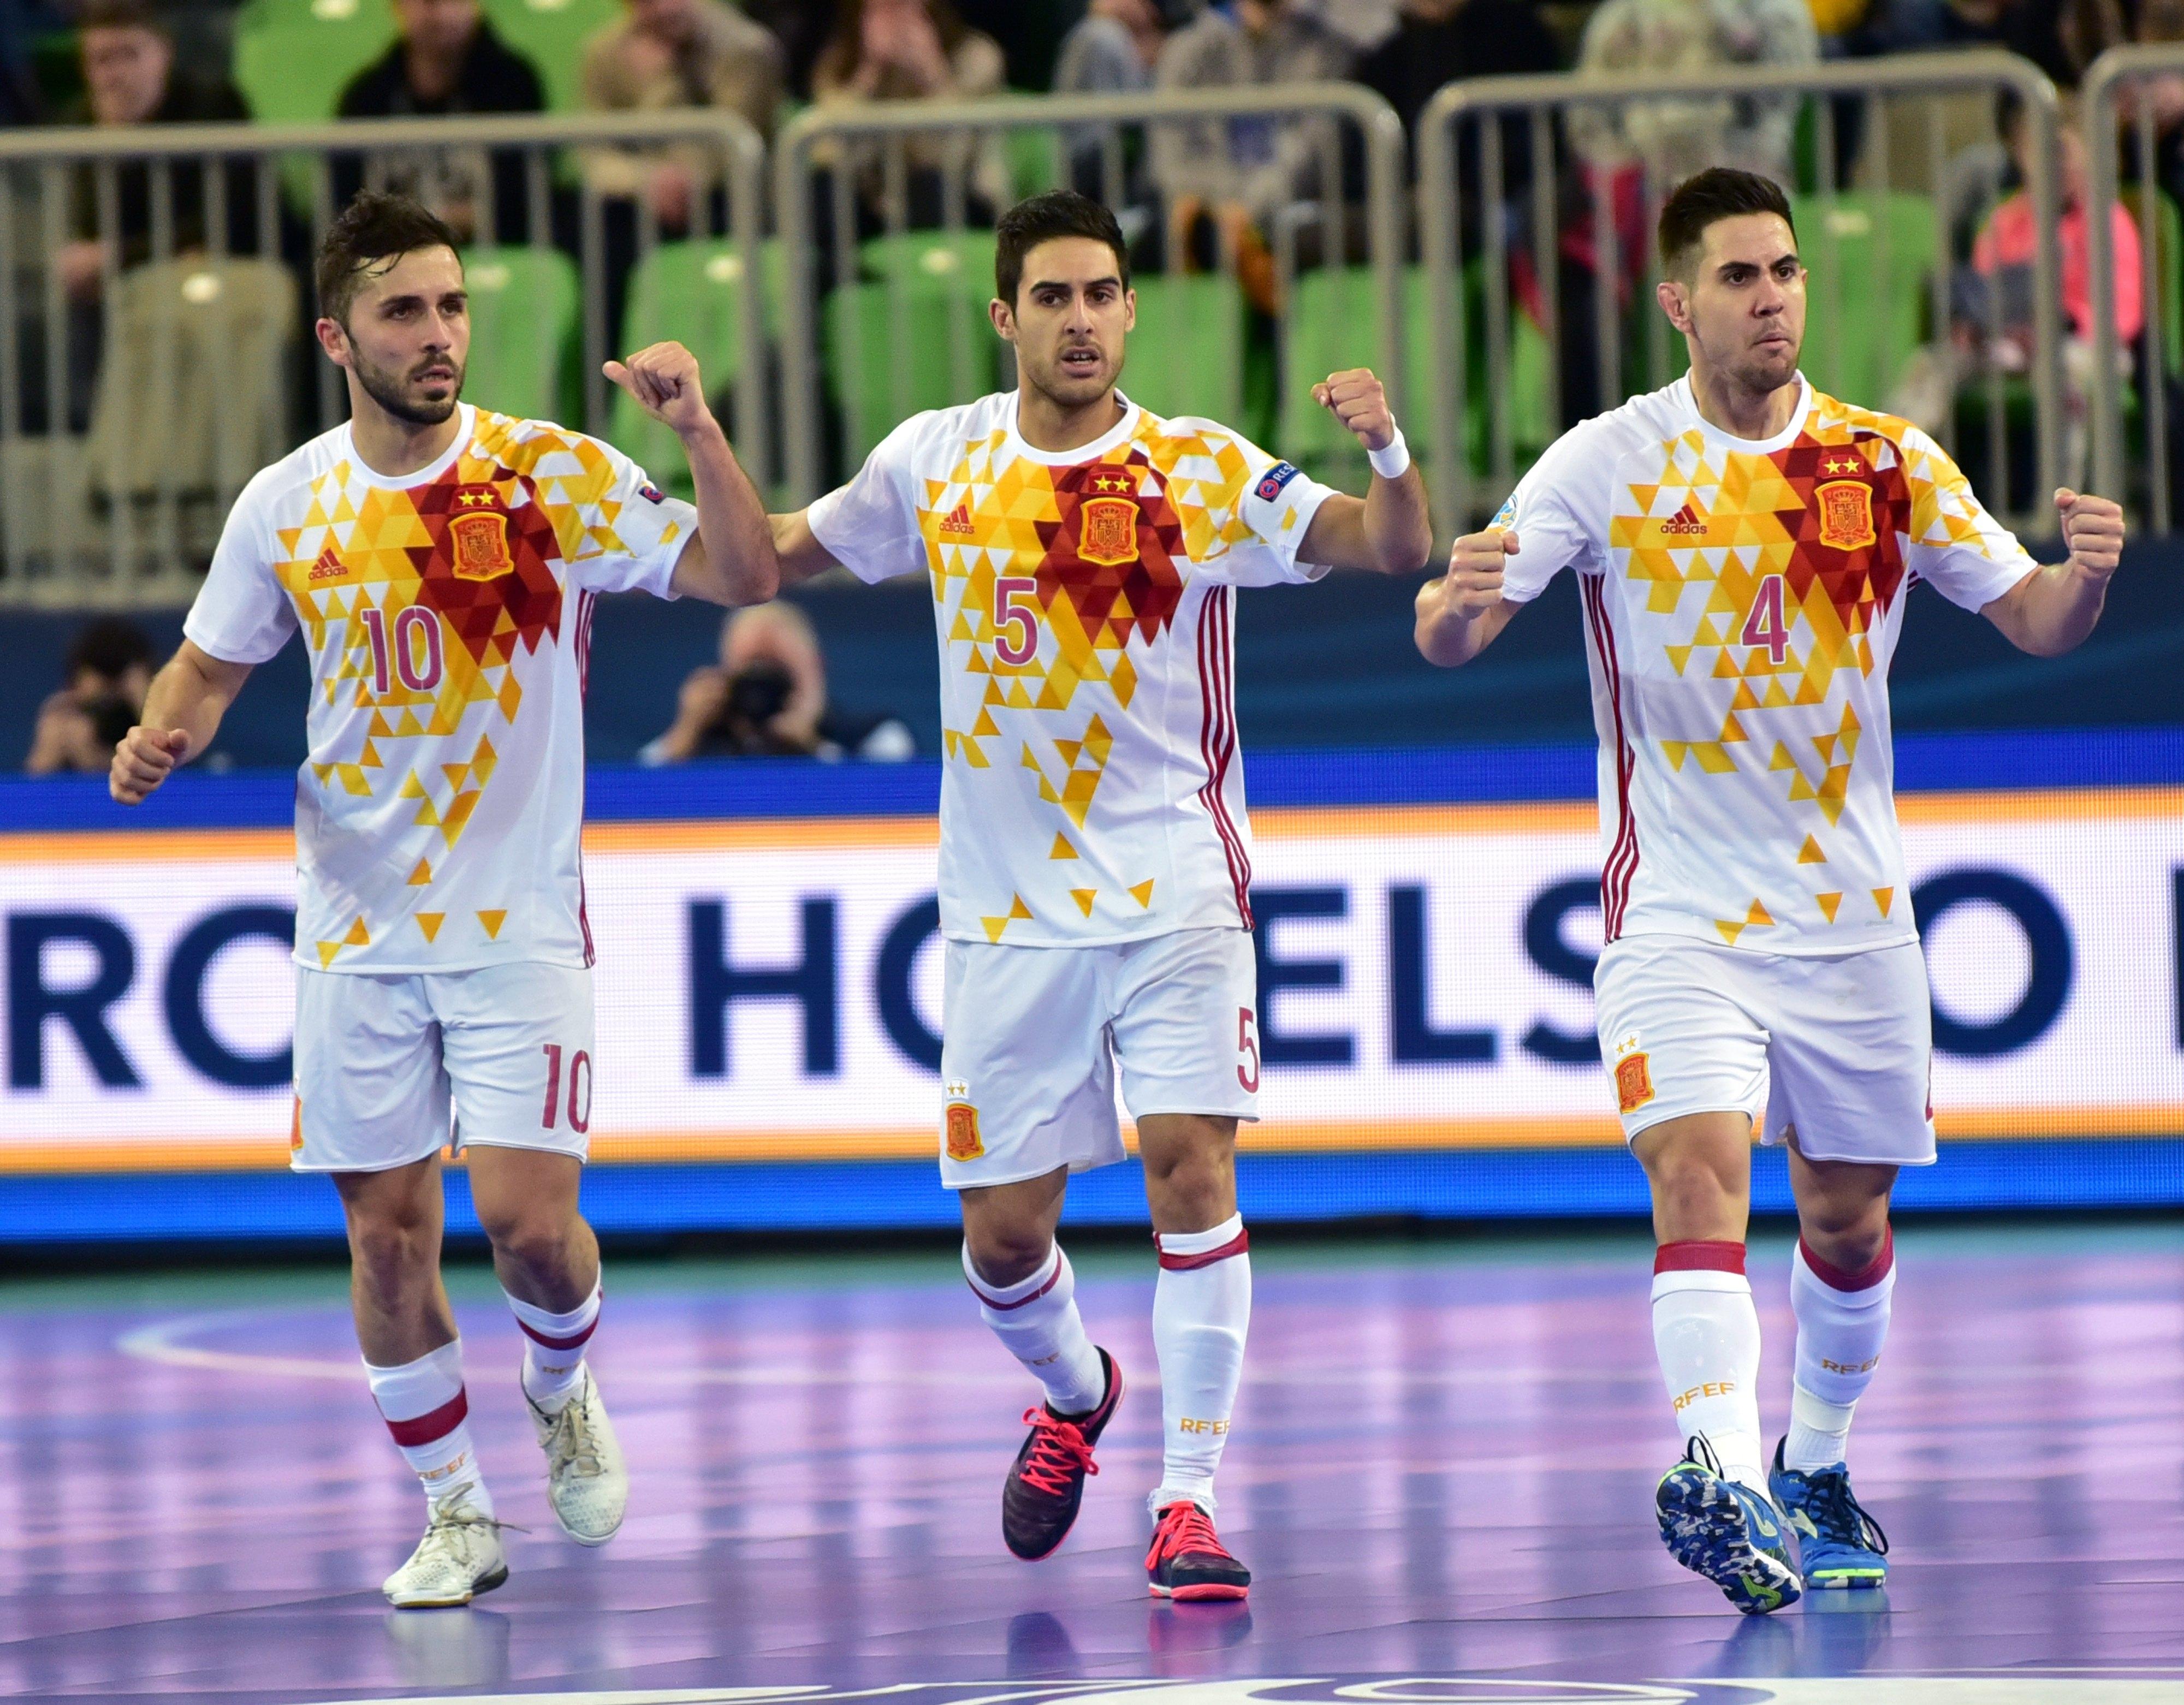 Campeões da Europa de Futsal: o regresso a Portugal em direto